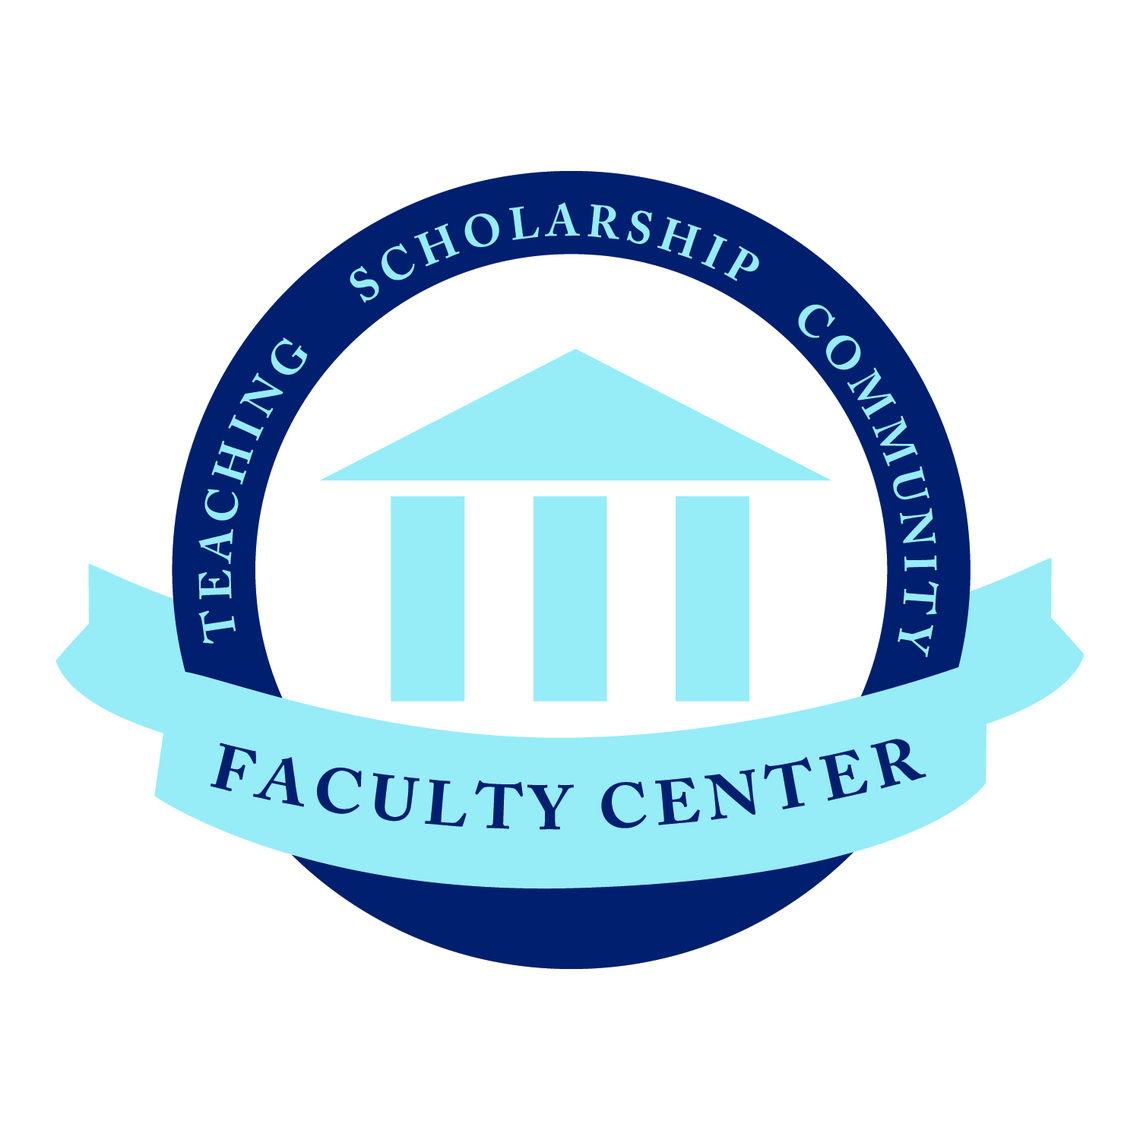 2013 faculty center logo final copy